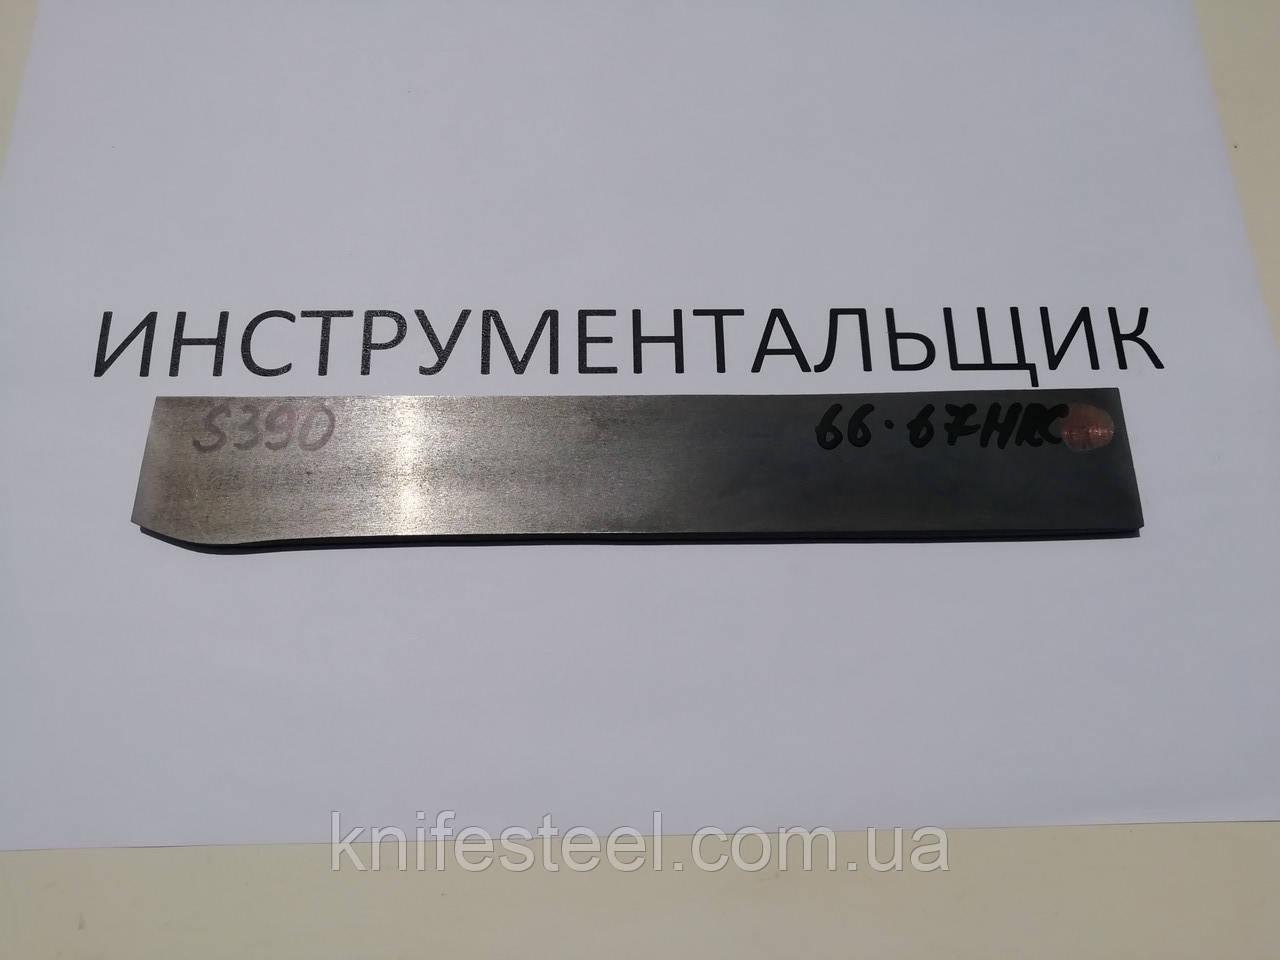 Заготівля для ножа сталь S390 200х31-32х3,9-4 мм термообробка (66-67 HRC)